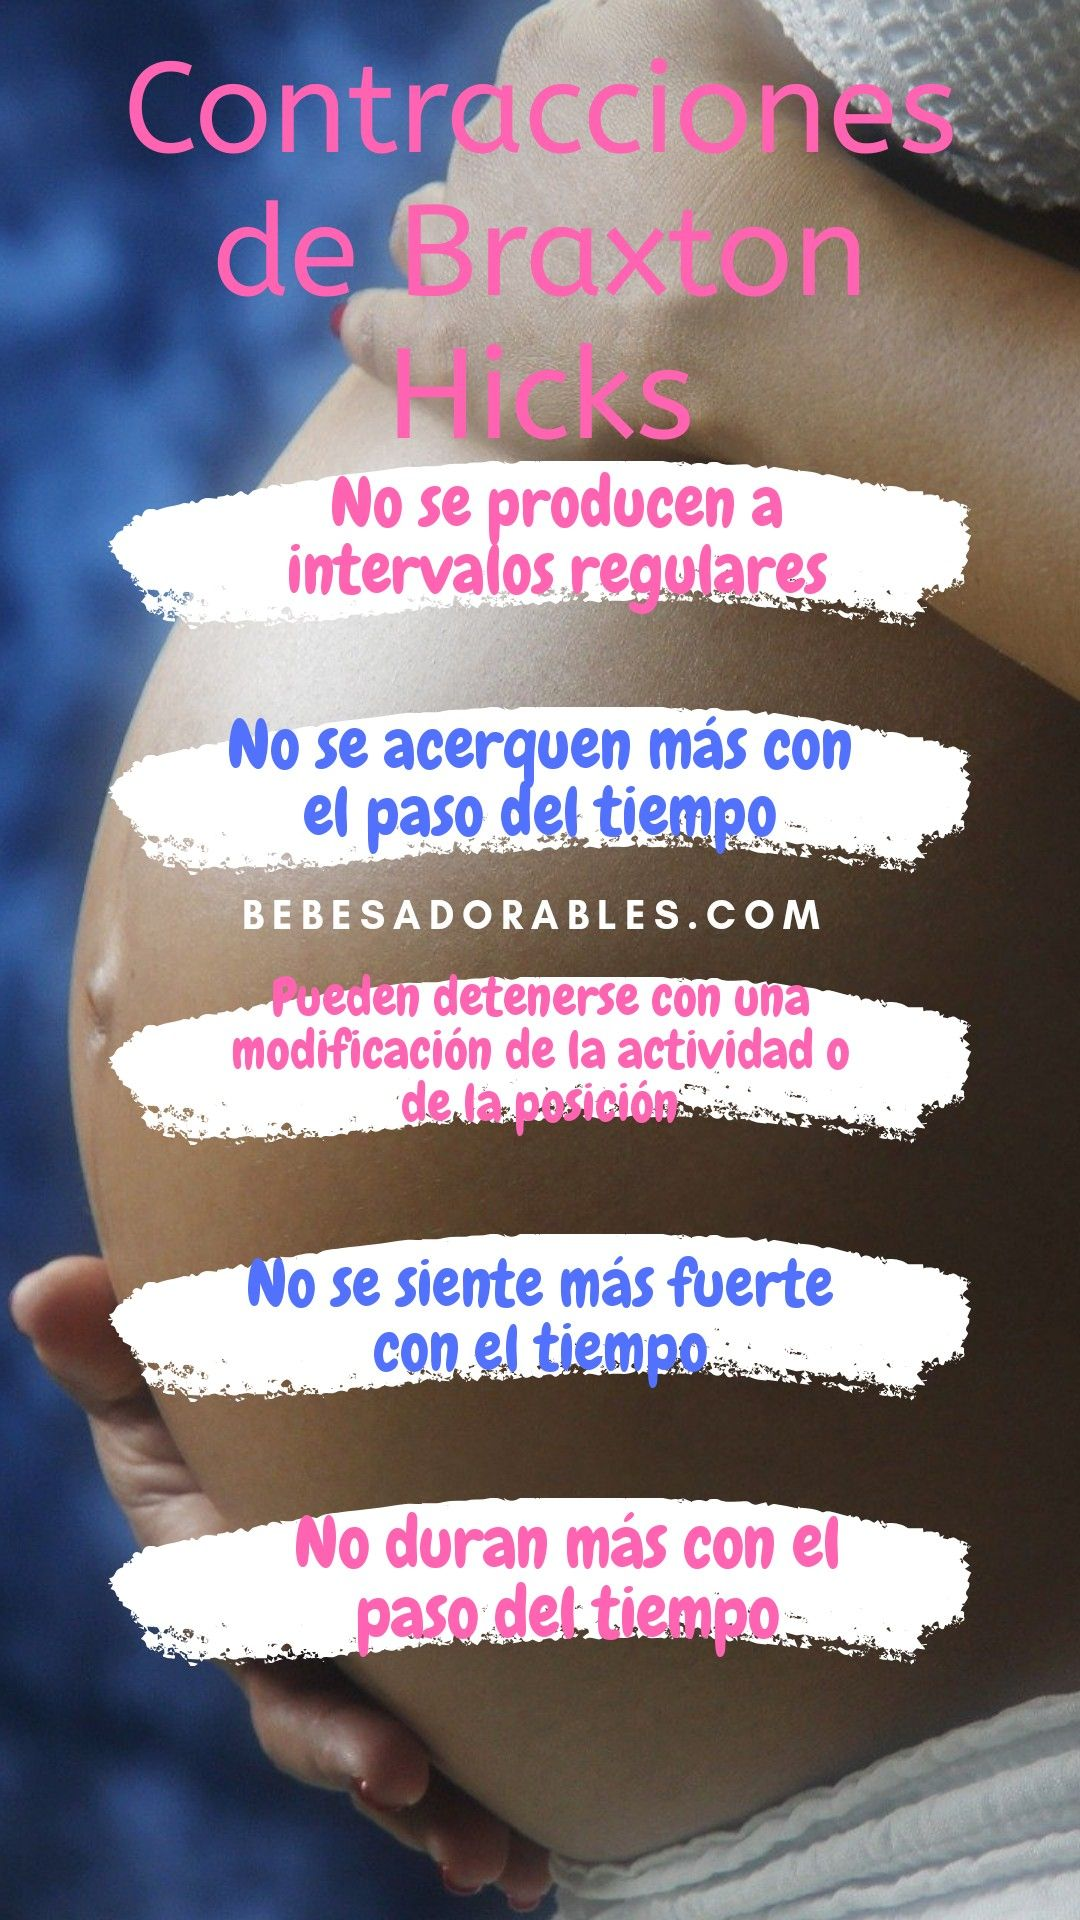 Contracciones De Braxton Hicks Contracciones De Braxton Hicks Desarrollo Del Embarazo Cuello Del Utero